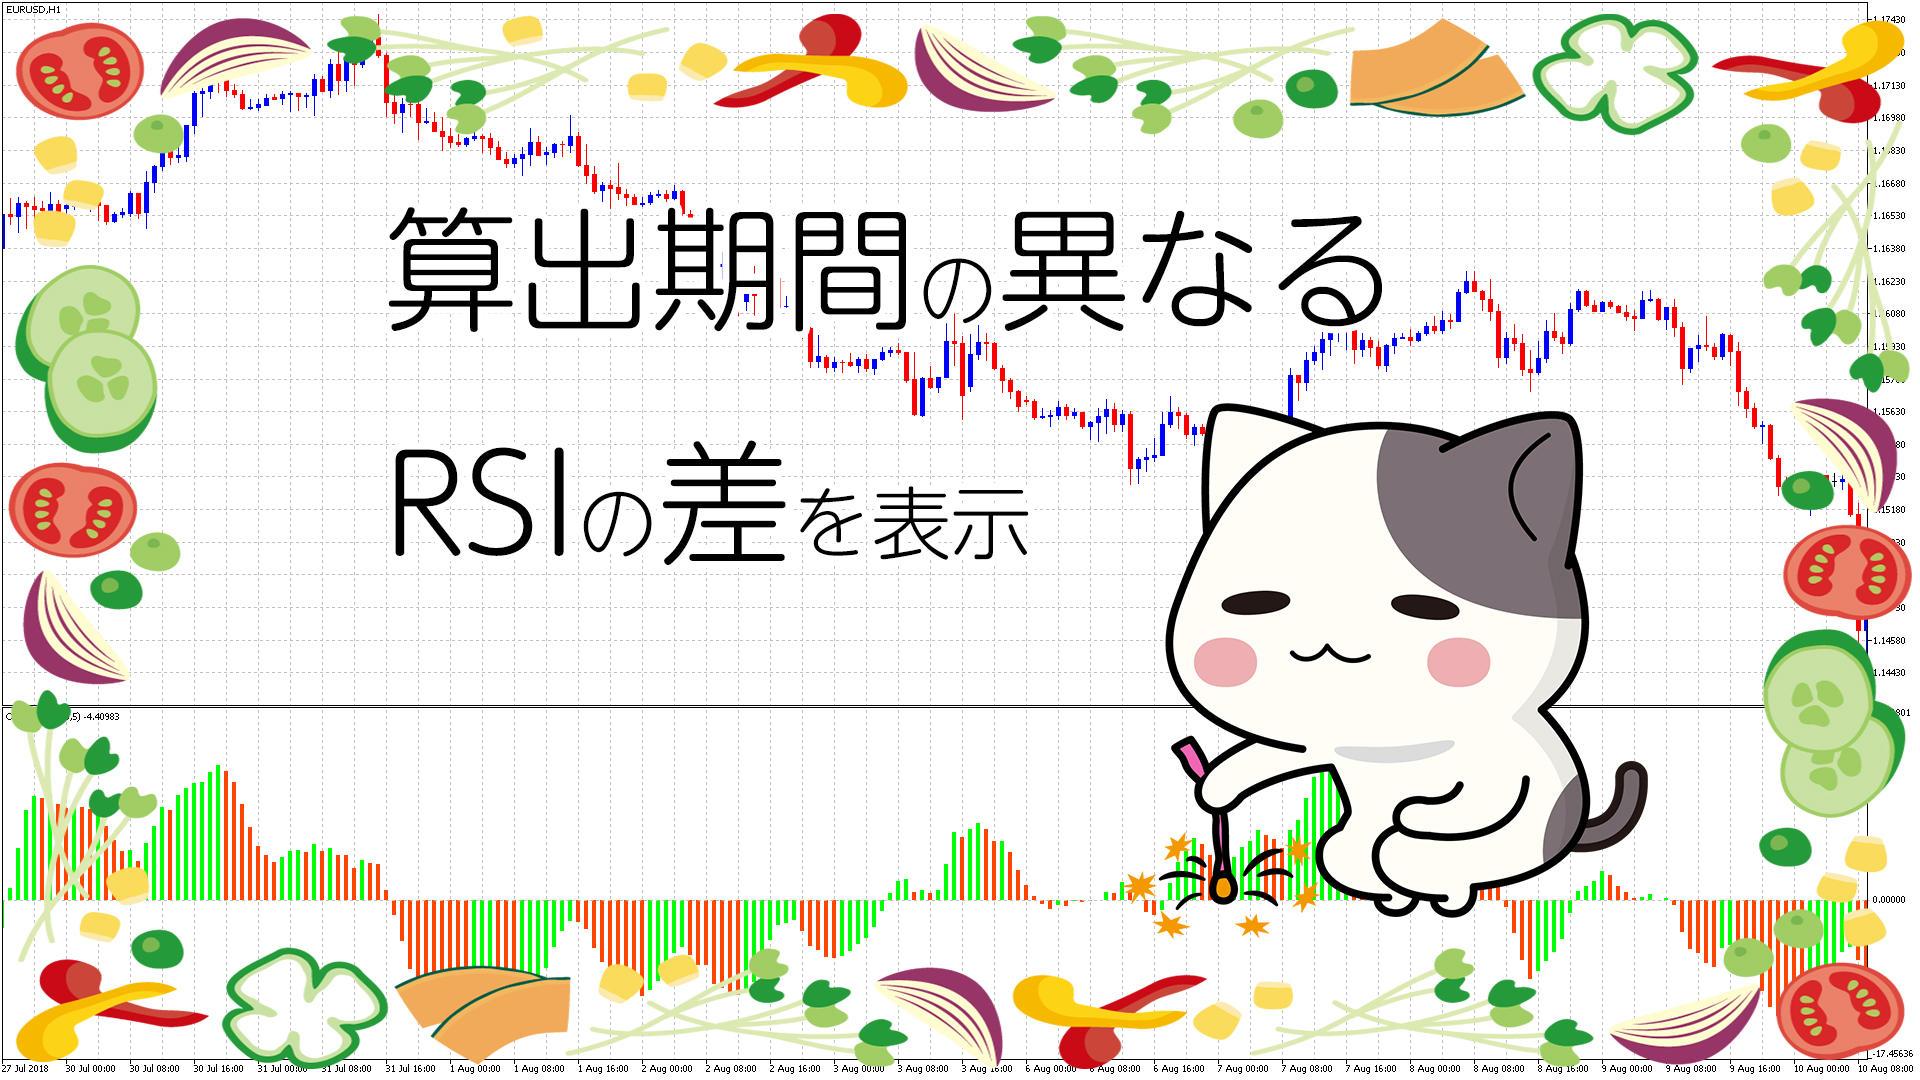 算出期間の異なる2つのRSIの差をヒストグラムで表示するMT5インジケータ-「RSI_Oscillator_Histo」